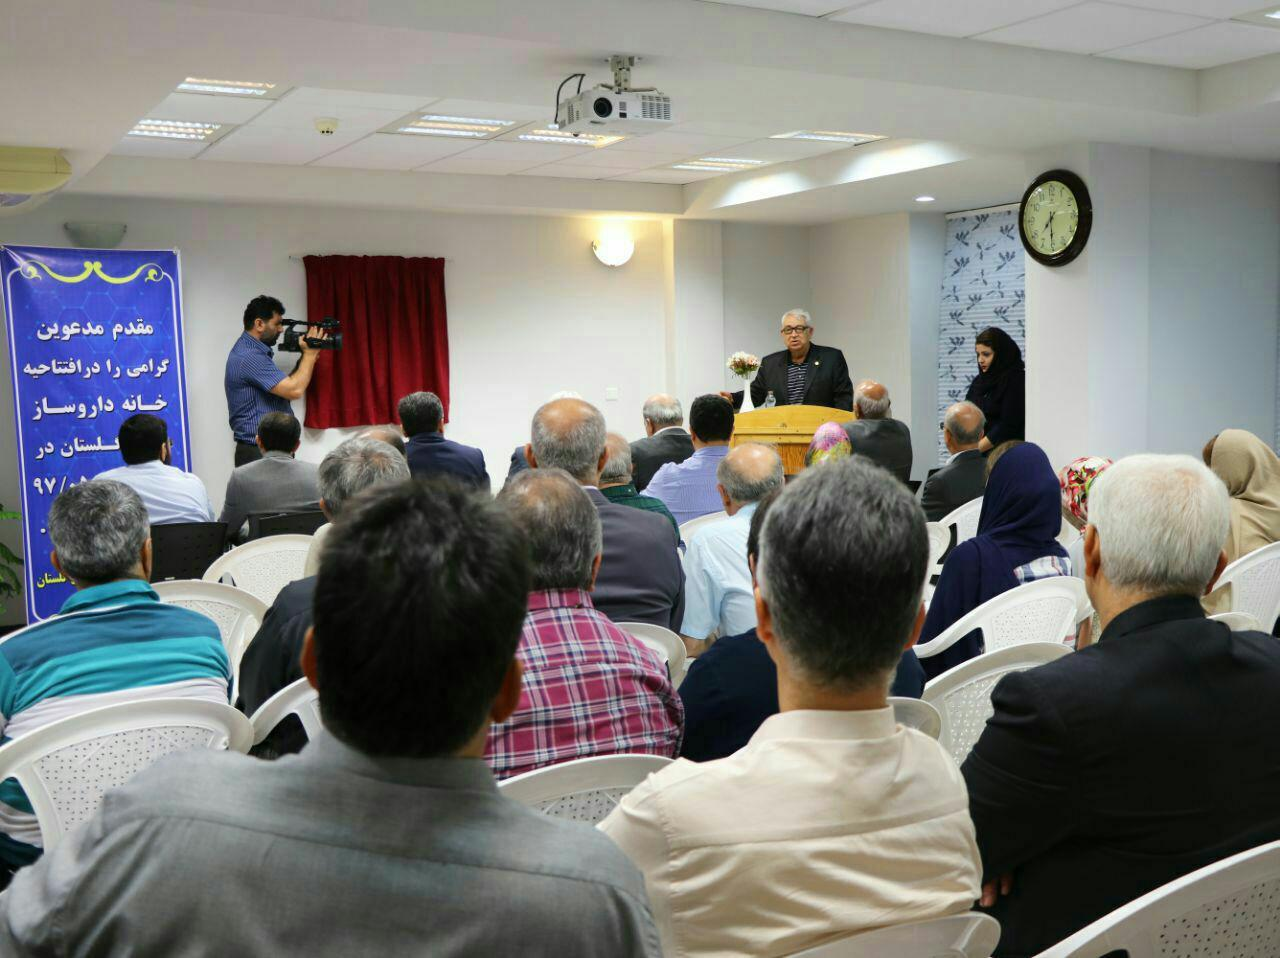 گزارش117:افتتاح خانه داروسازنمادی از همبستگی و اتحاد صنفی داروسازان استان، نقطه عطفی جهت تحقق اهداف صنفی